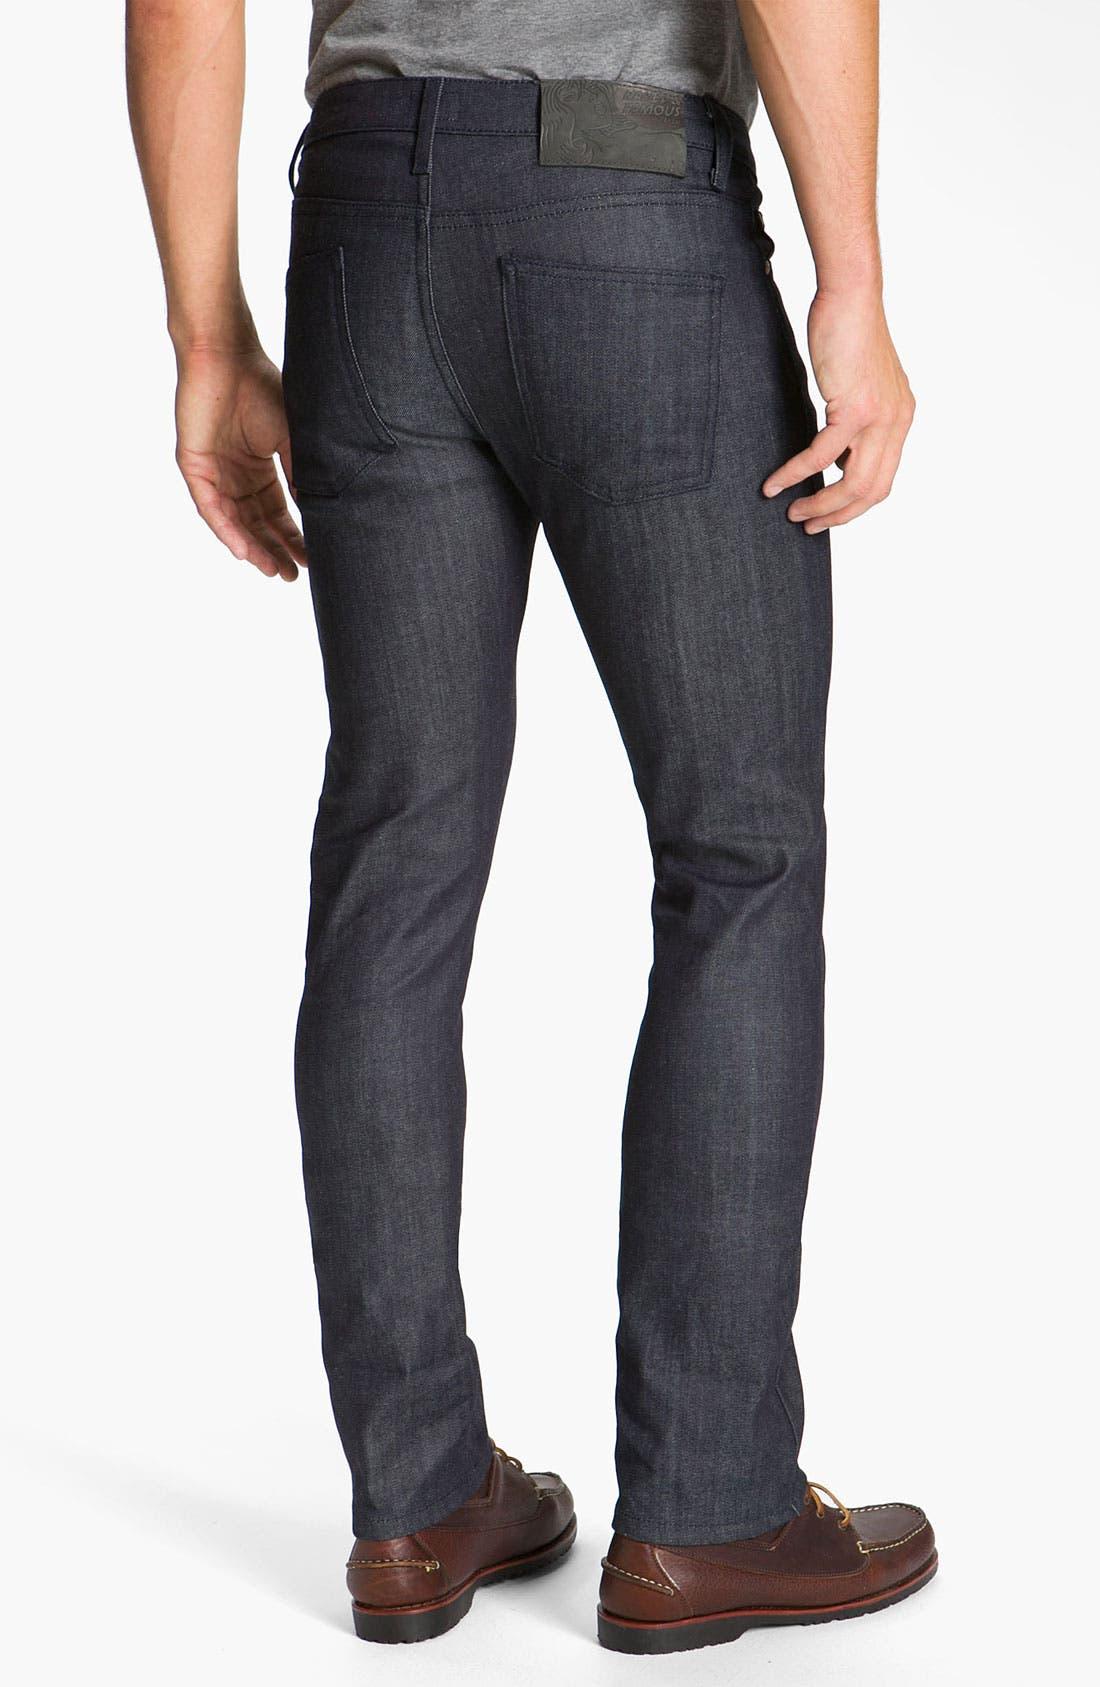 'Skinny Guy' Slim Cotton Cashmere Skinny Leg Jeans,                             Main thumbnail 1, color,                             400